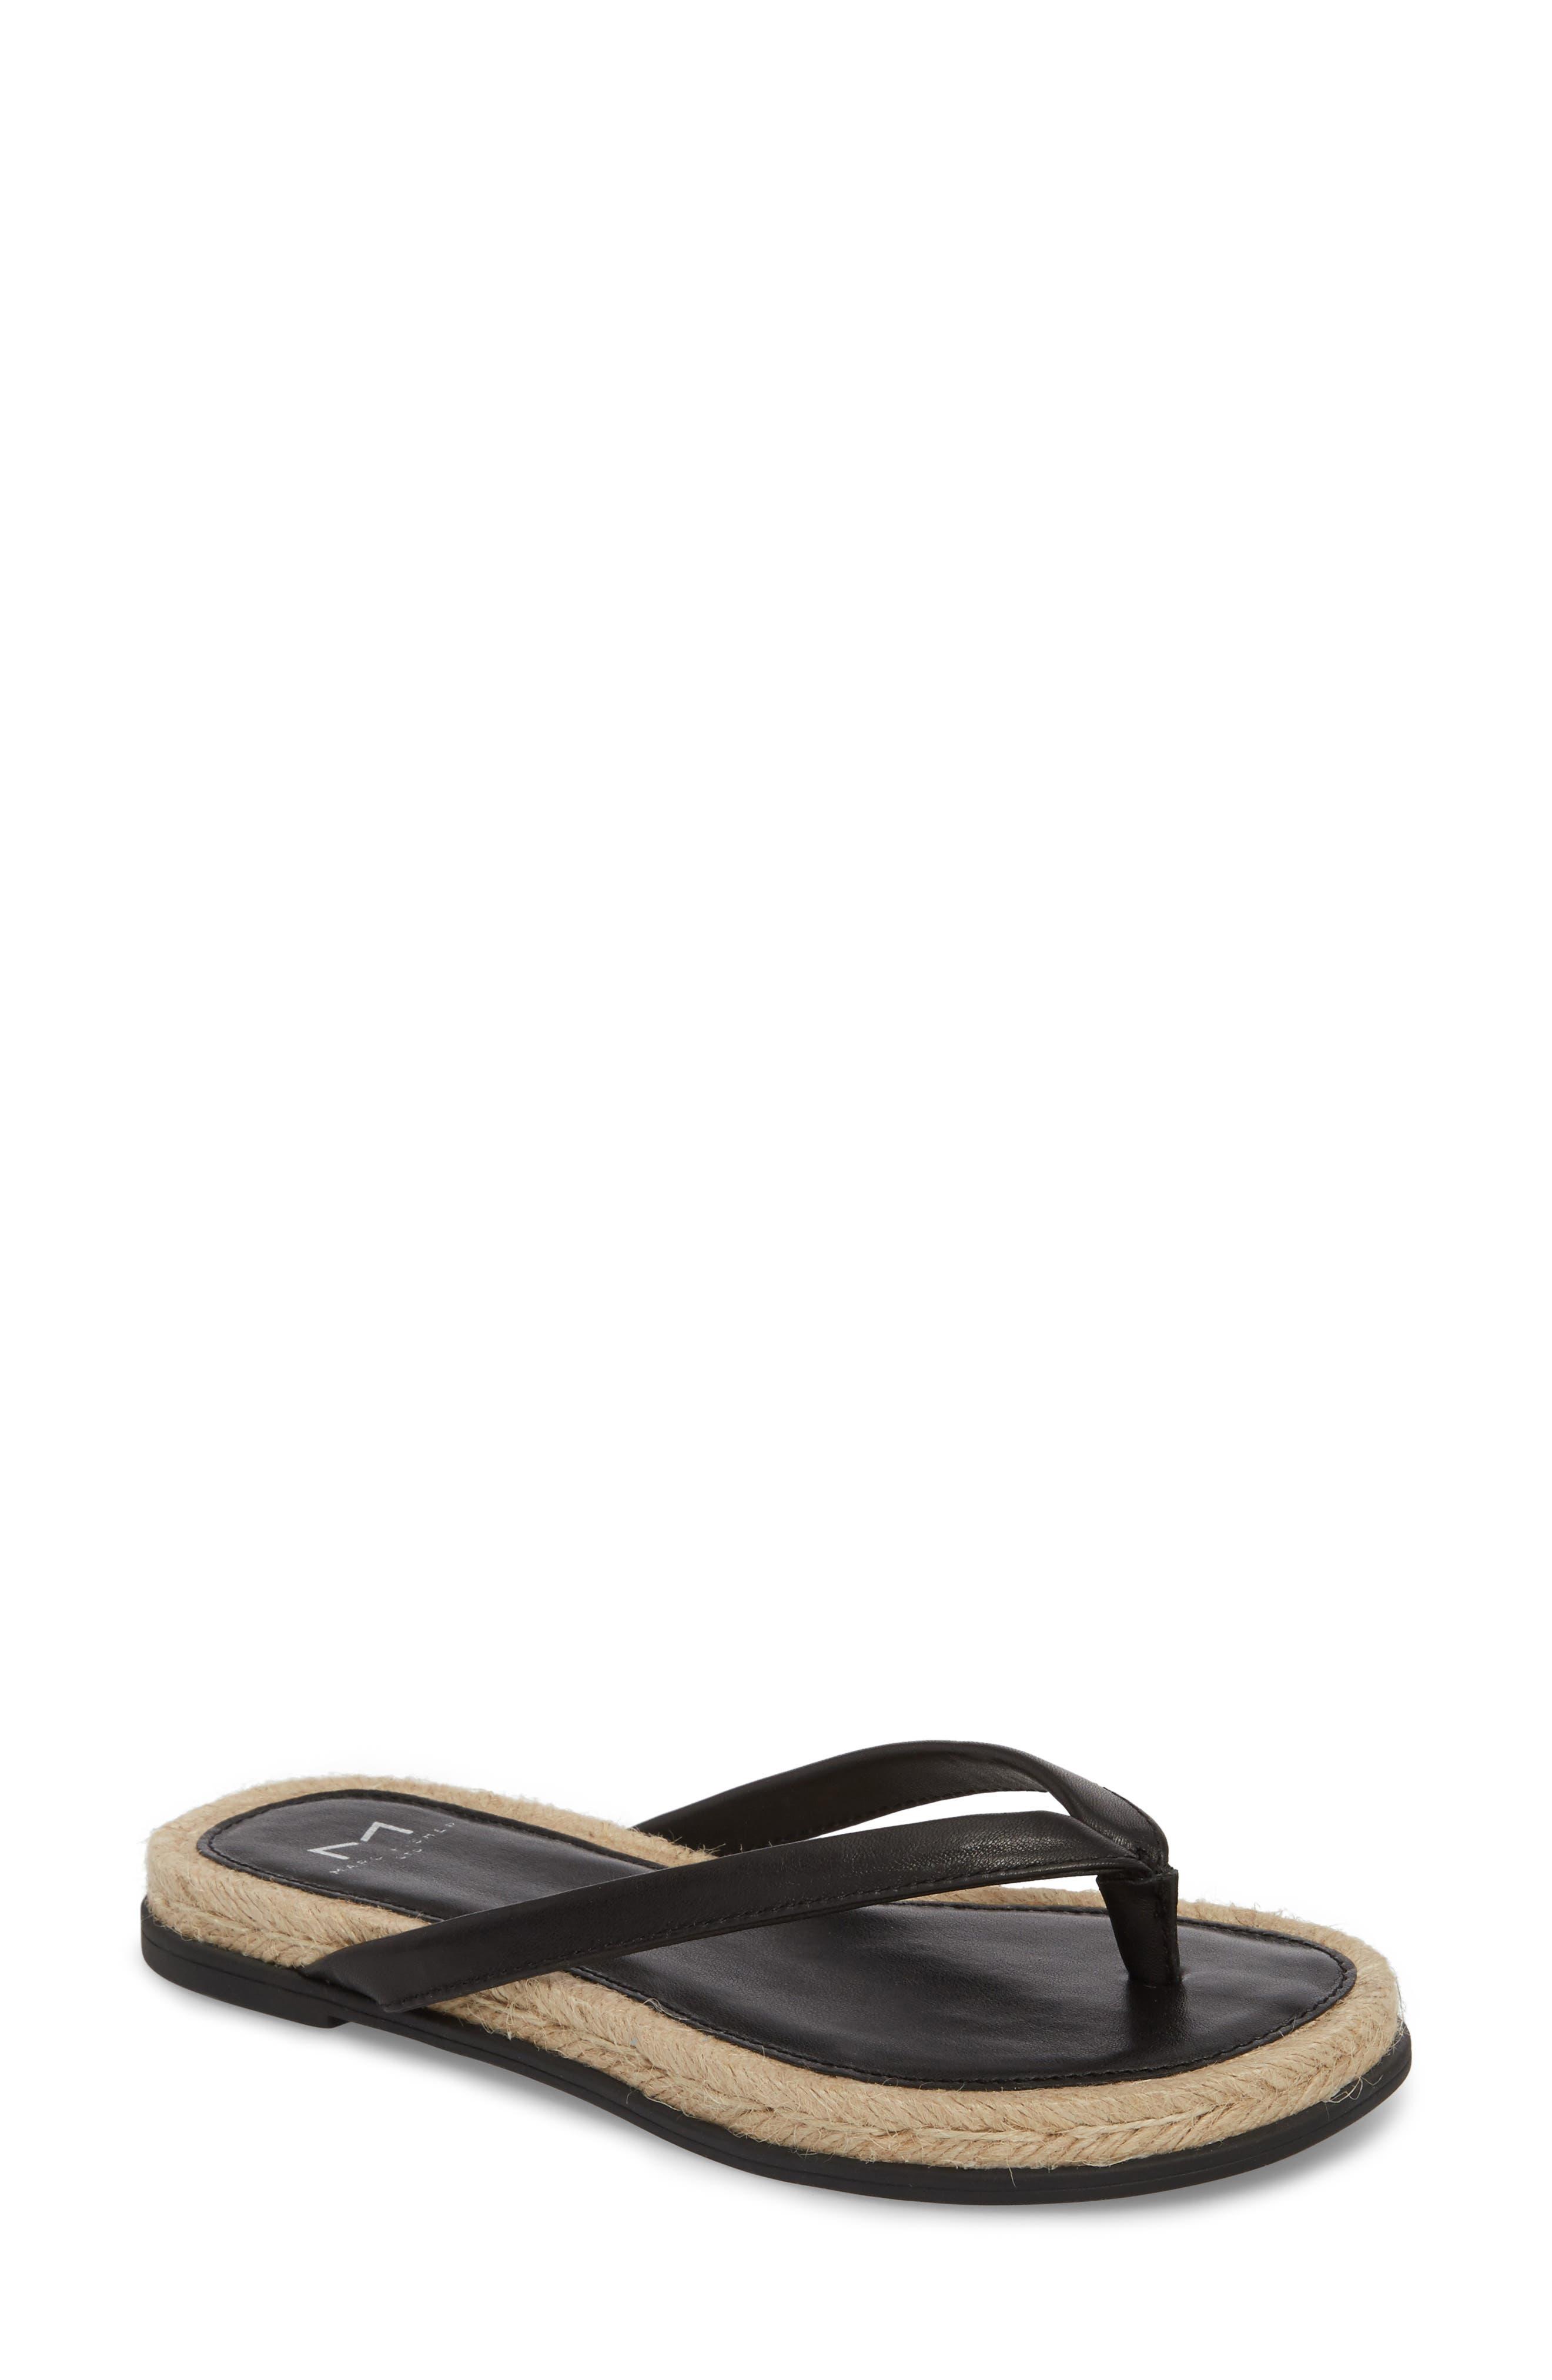 Utah Espadrille Sandal,                         Main,                         color,